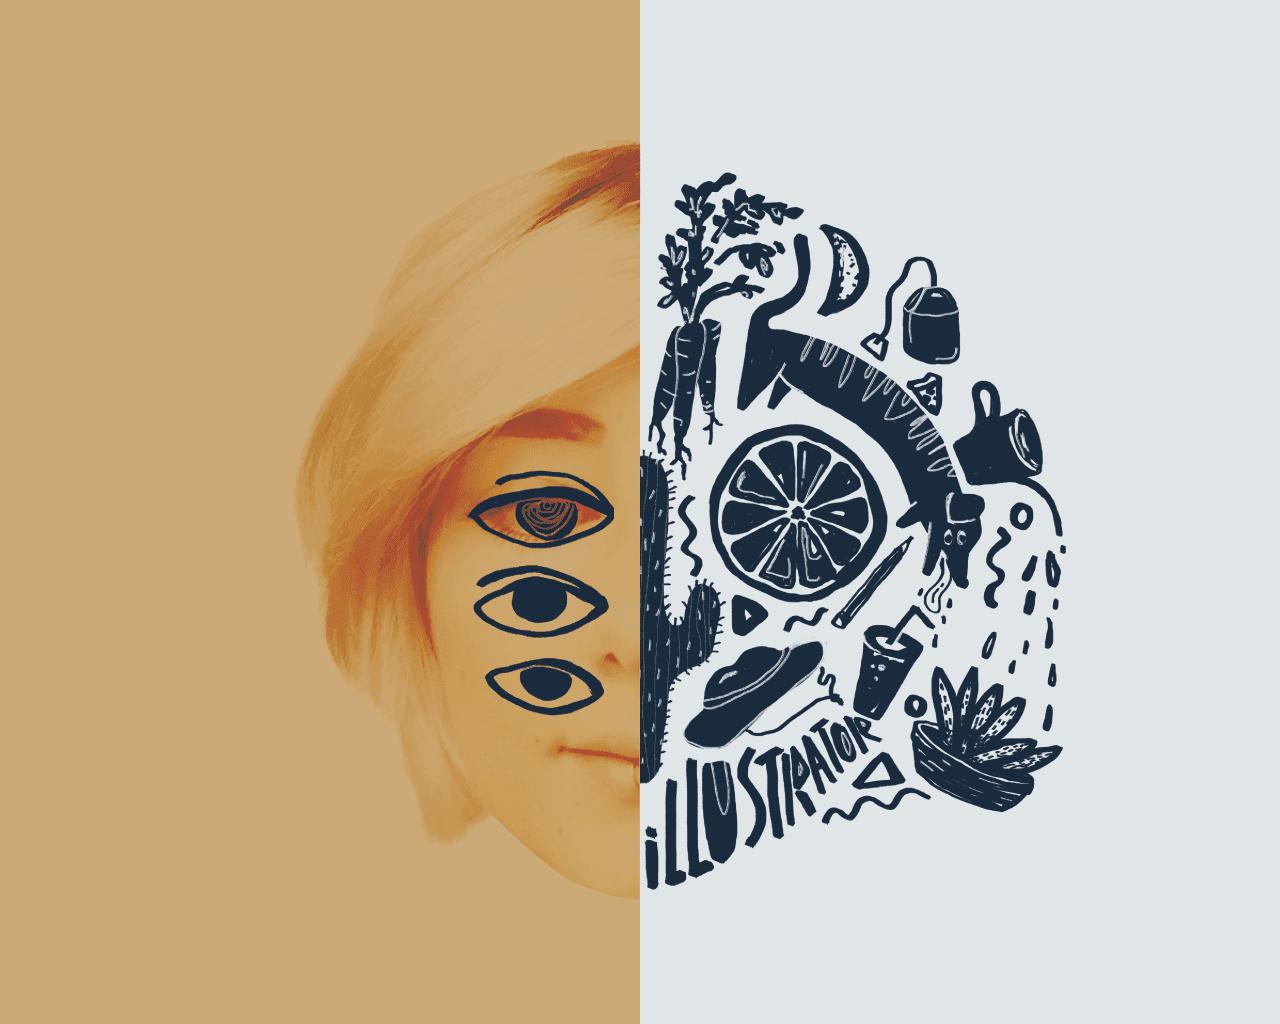 Katy_Illustrator-compressor.png